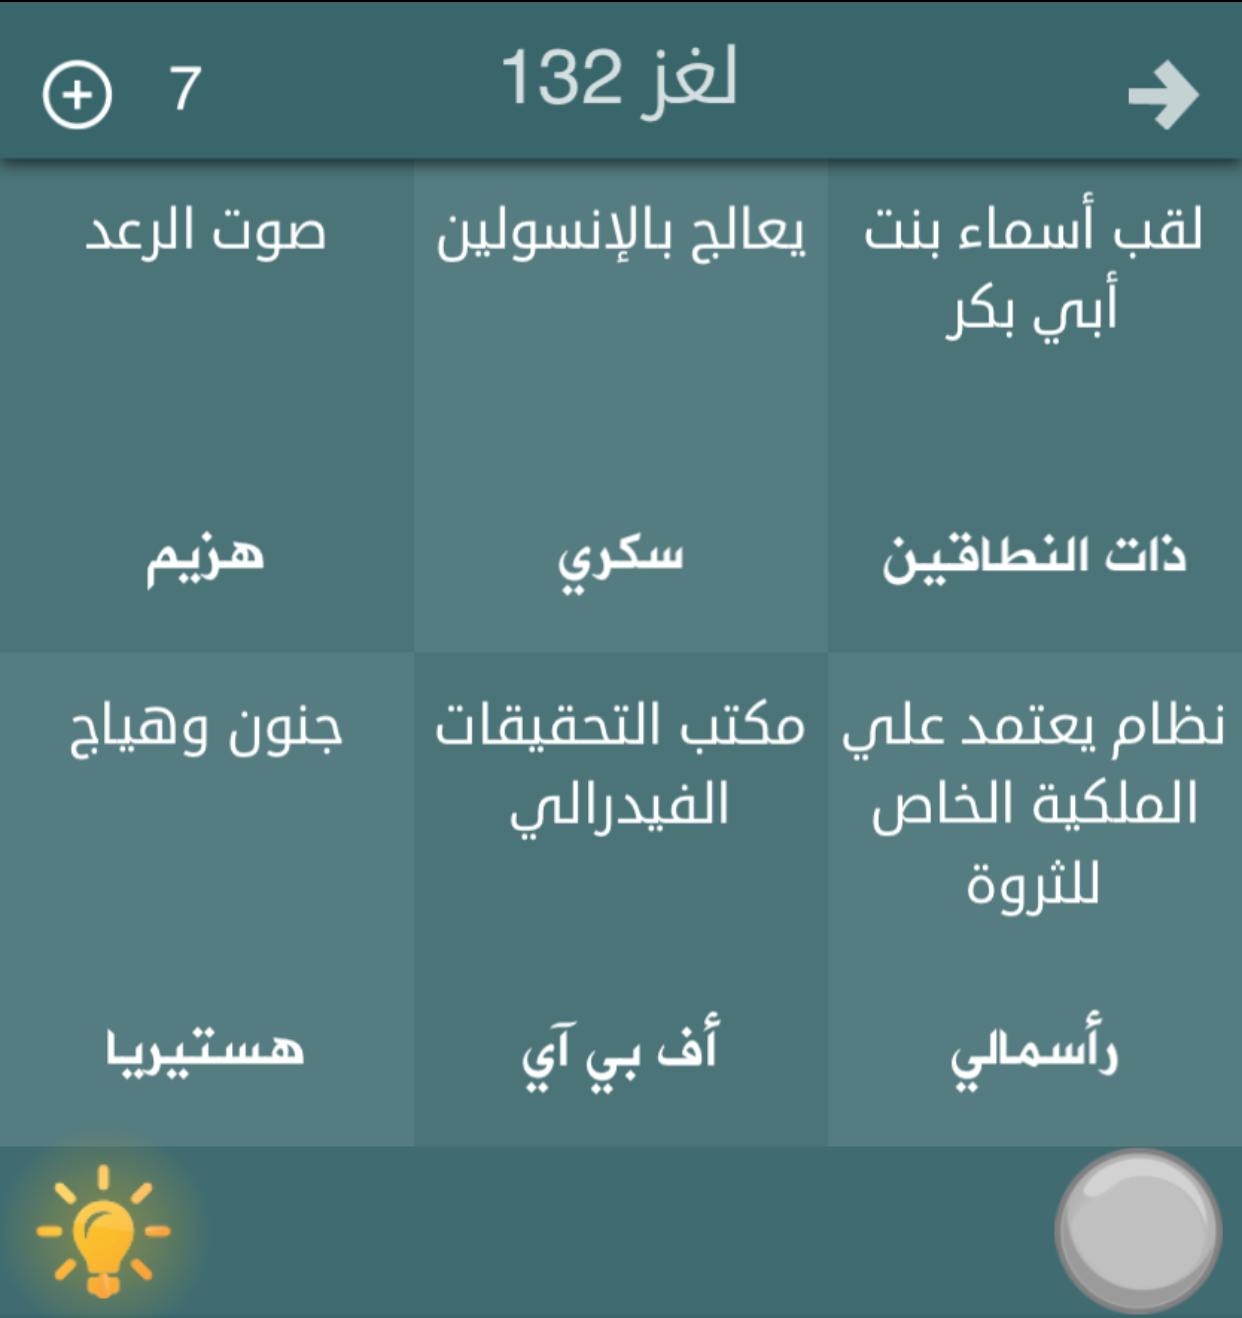 هل تعلم حل الغاز لعبة فطحل العرب المجموعة السابعة من 121